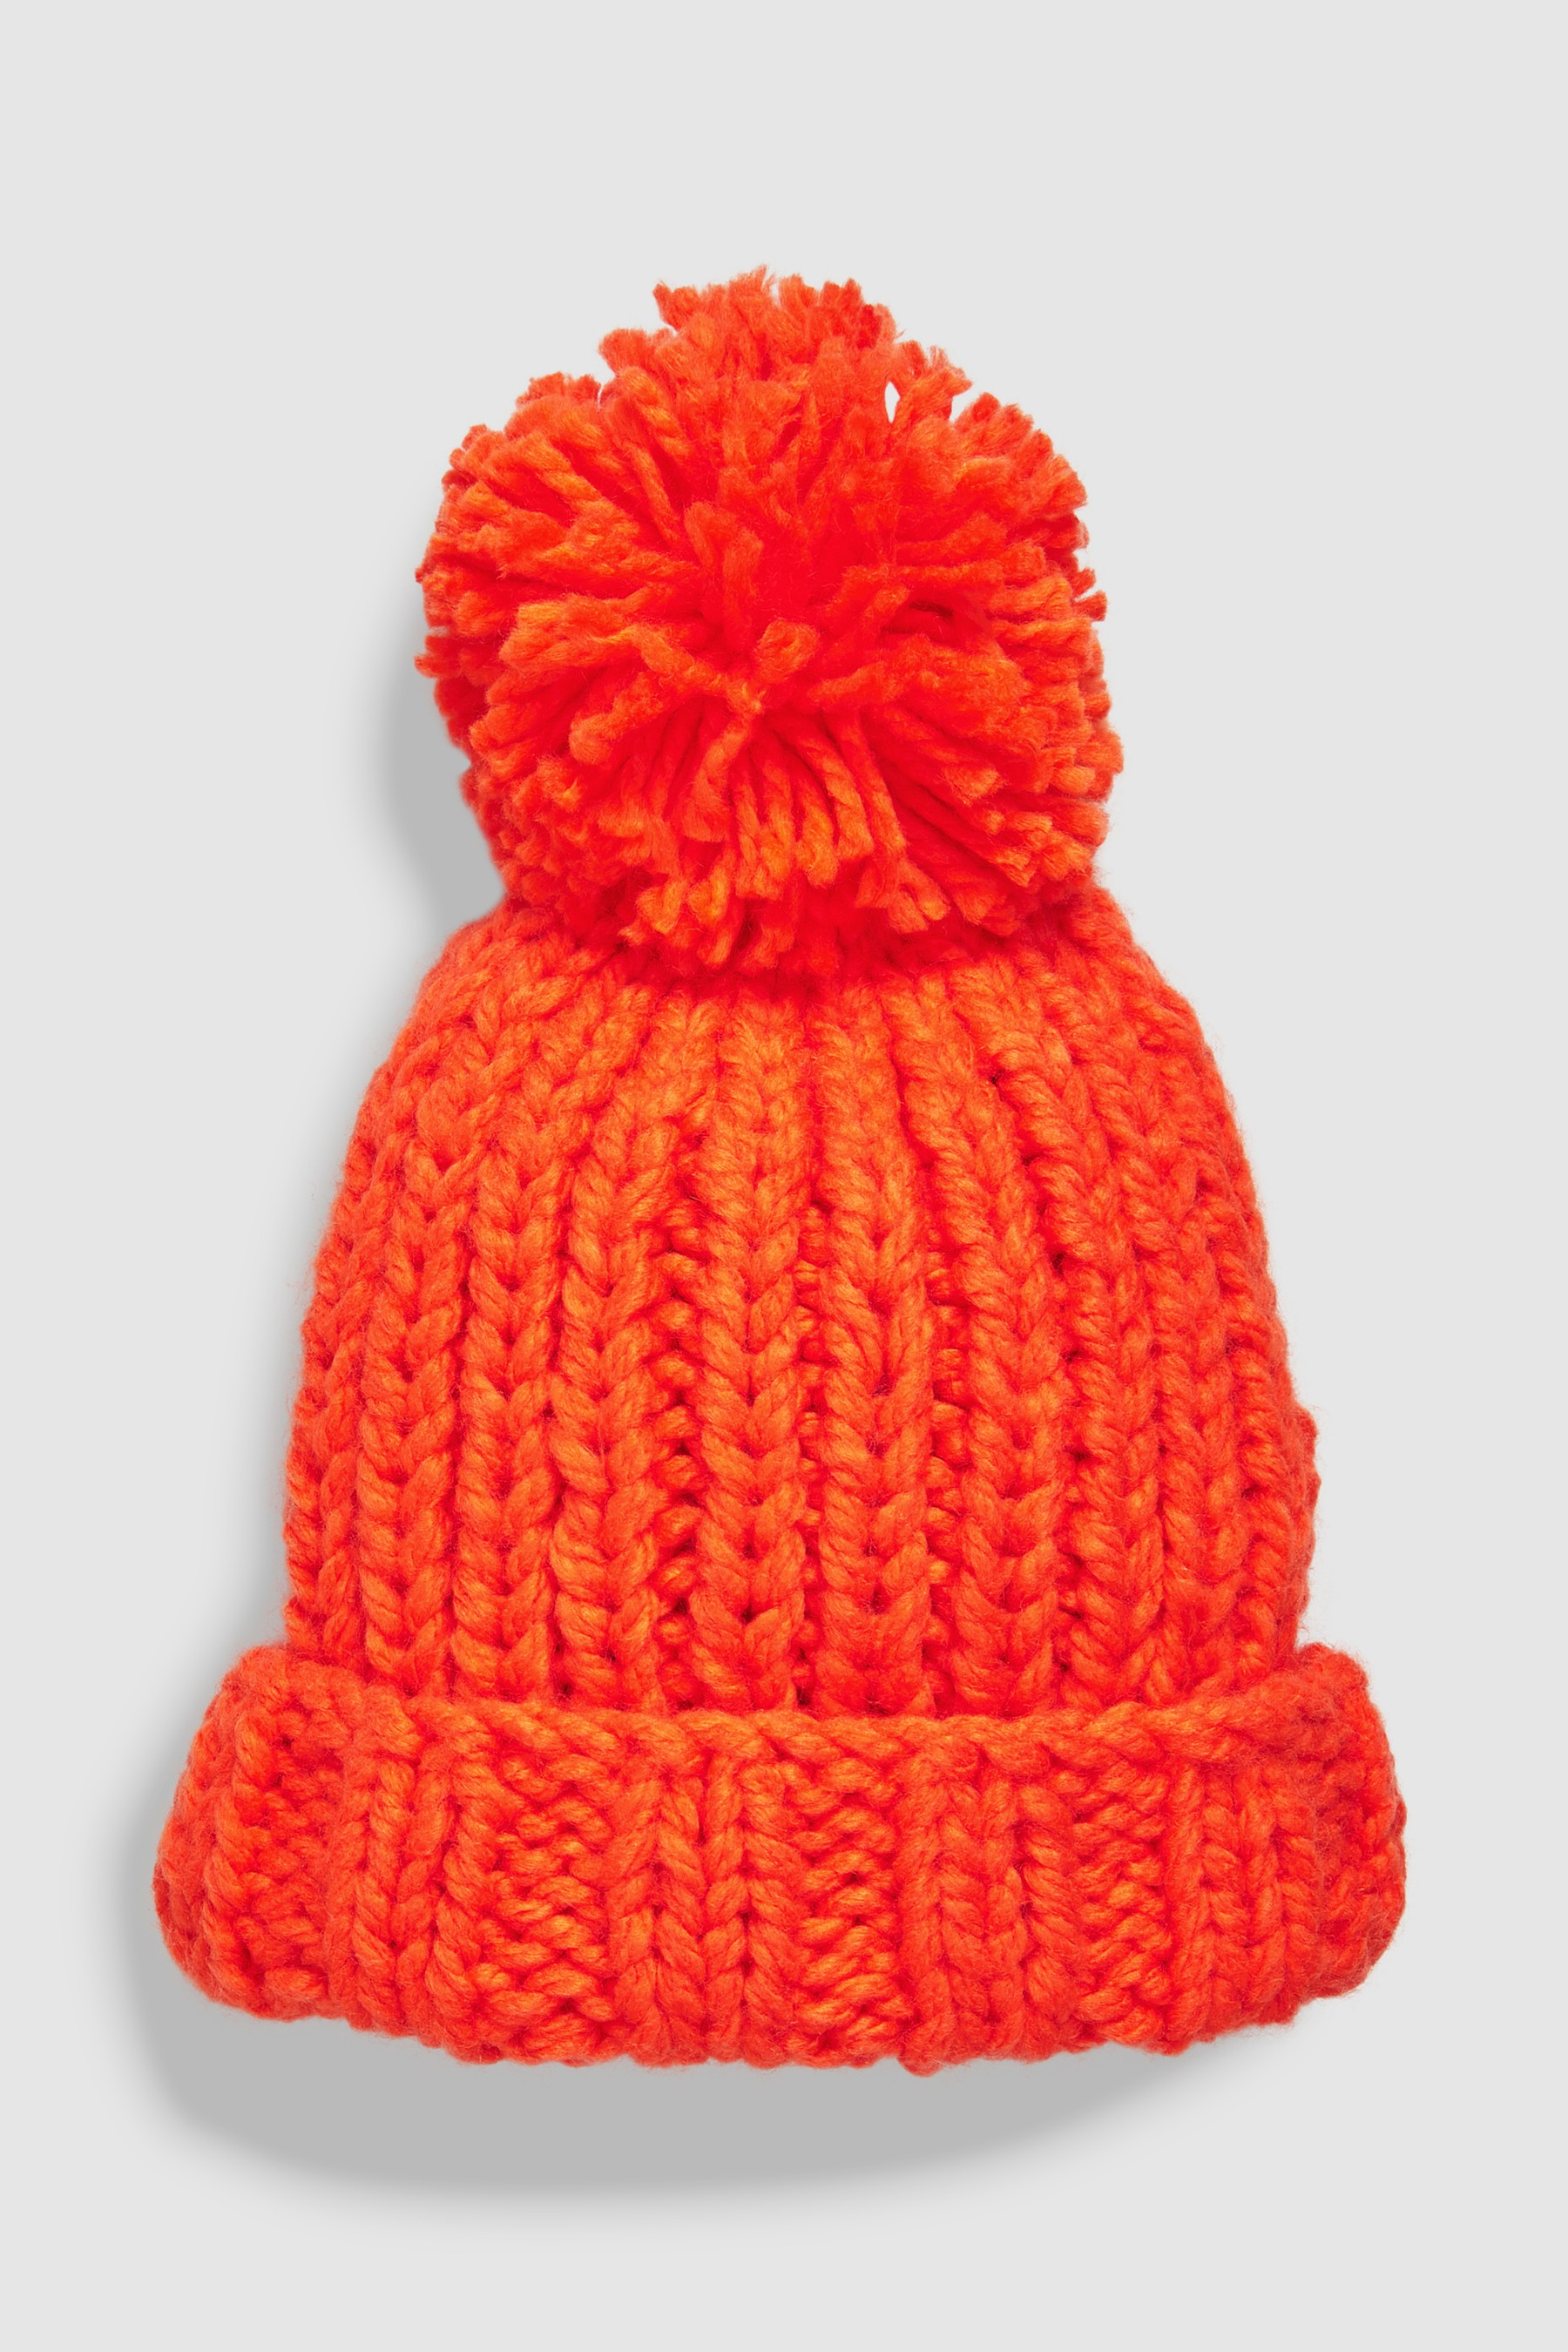 eece031aad4 Girls Next Orange Hand Knitted Pom Beanie Hat (Older) - Orange ...